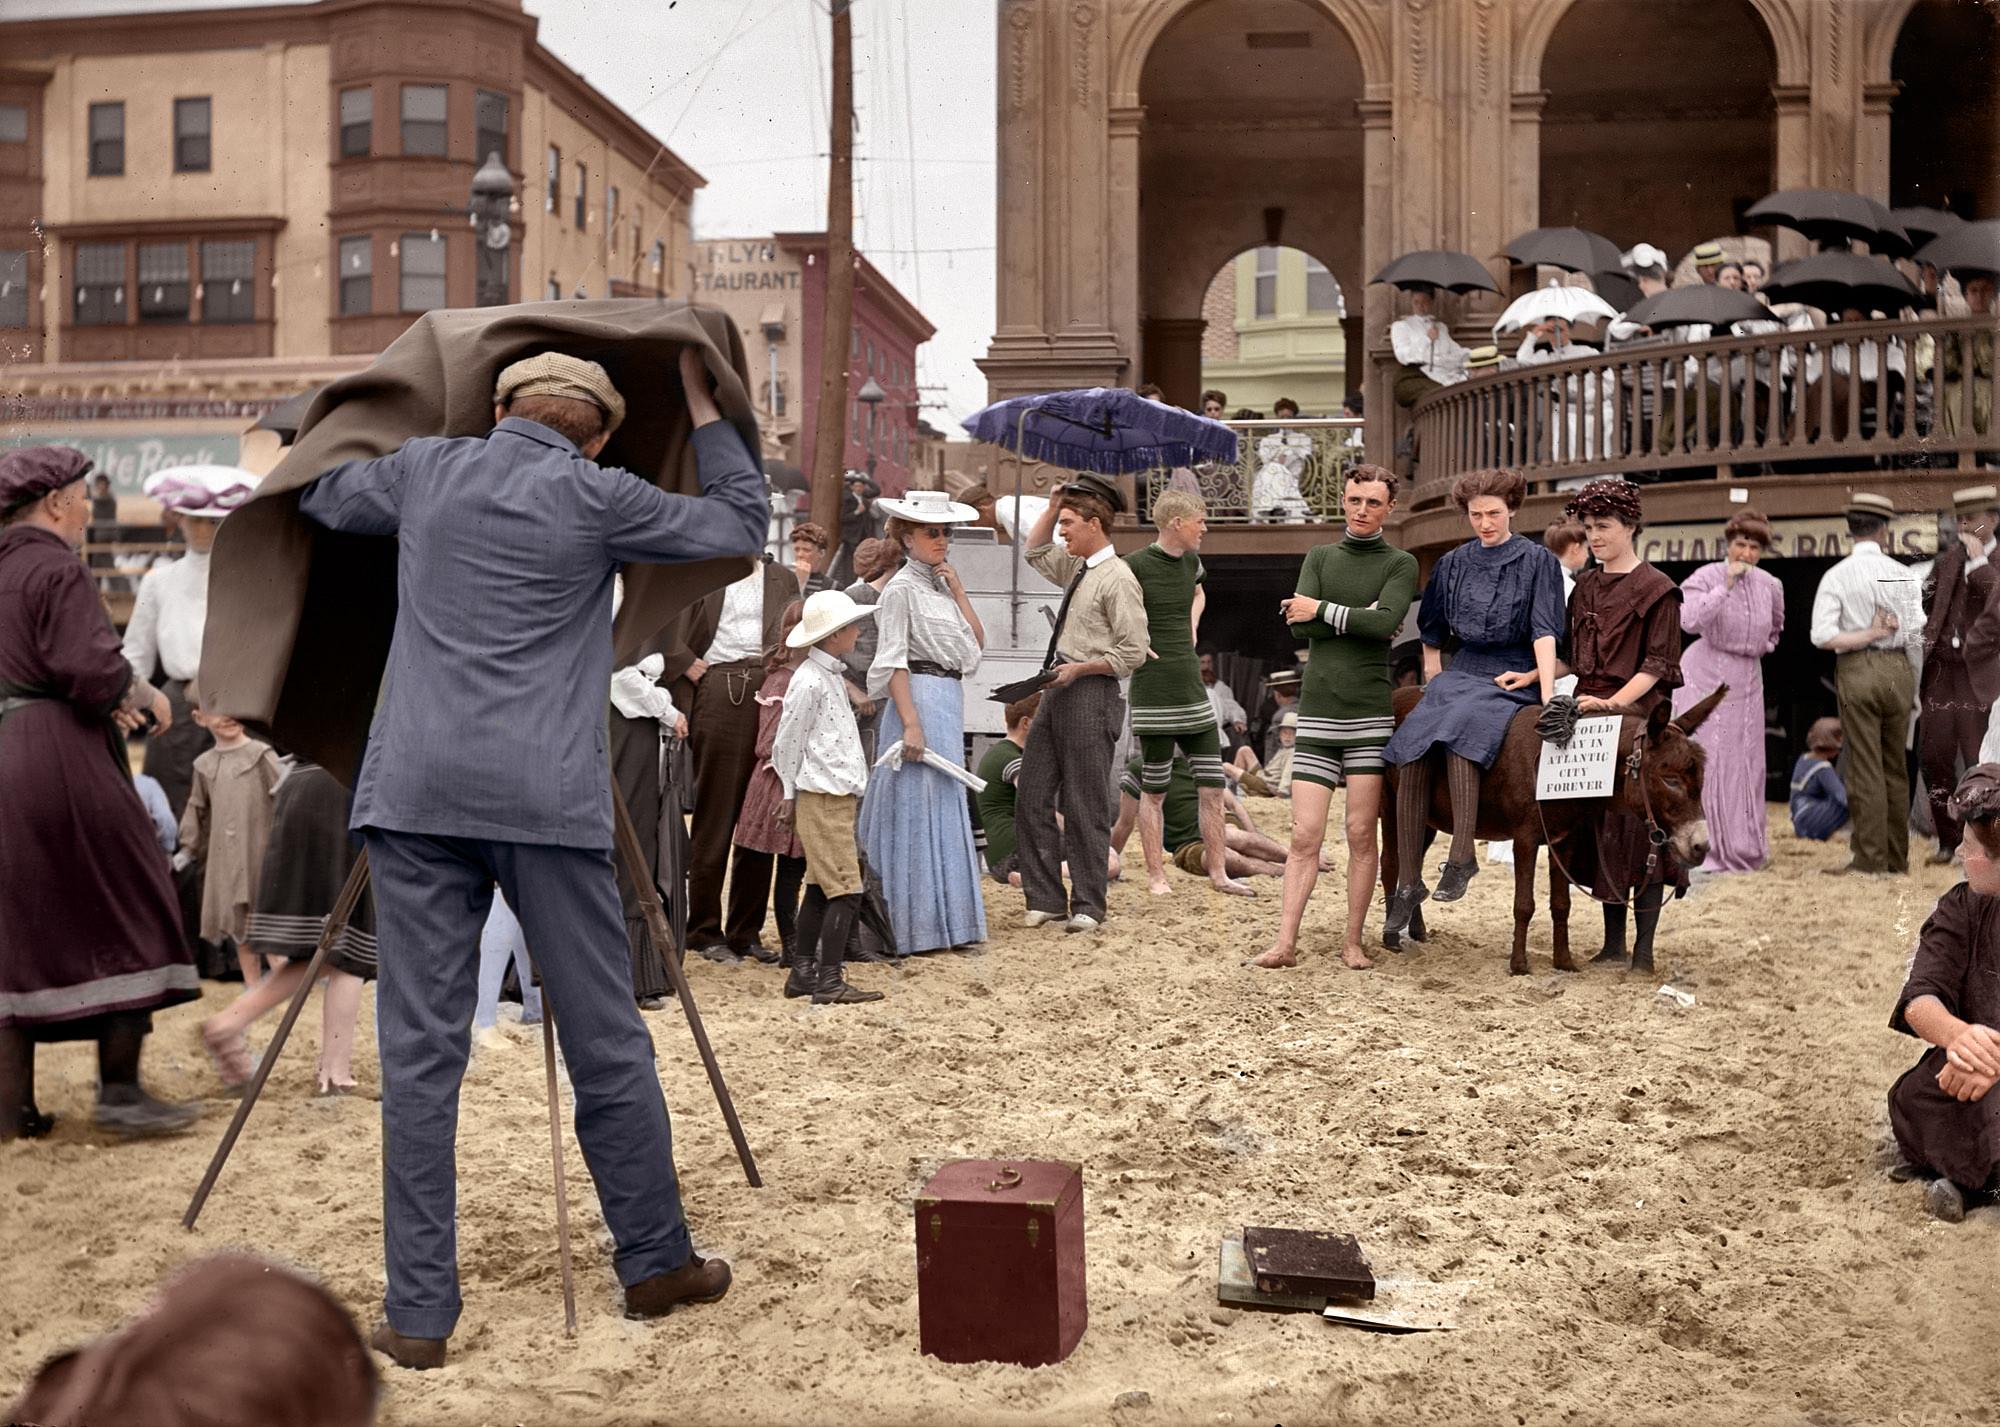 1912. Atlantic City. A híres Boardwalk, vagyis korzó. Photoshoppal színezett és feljavított kép. Stennesrc munkája..jpg